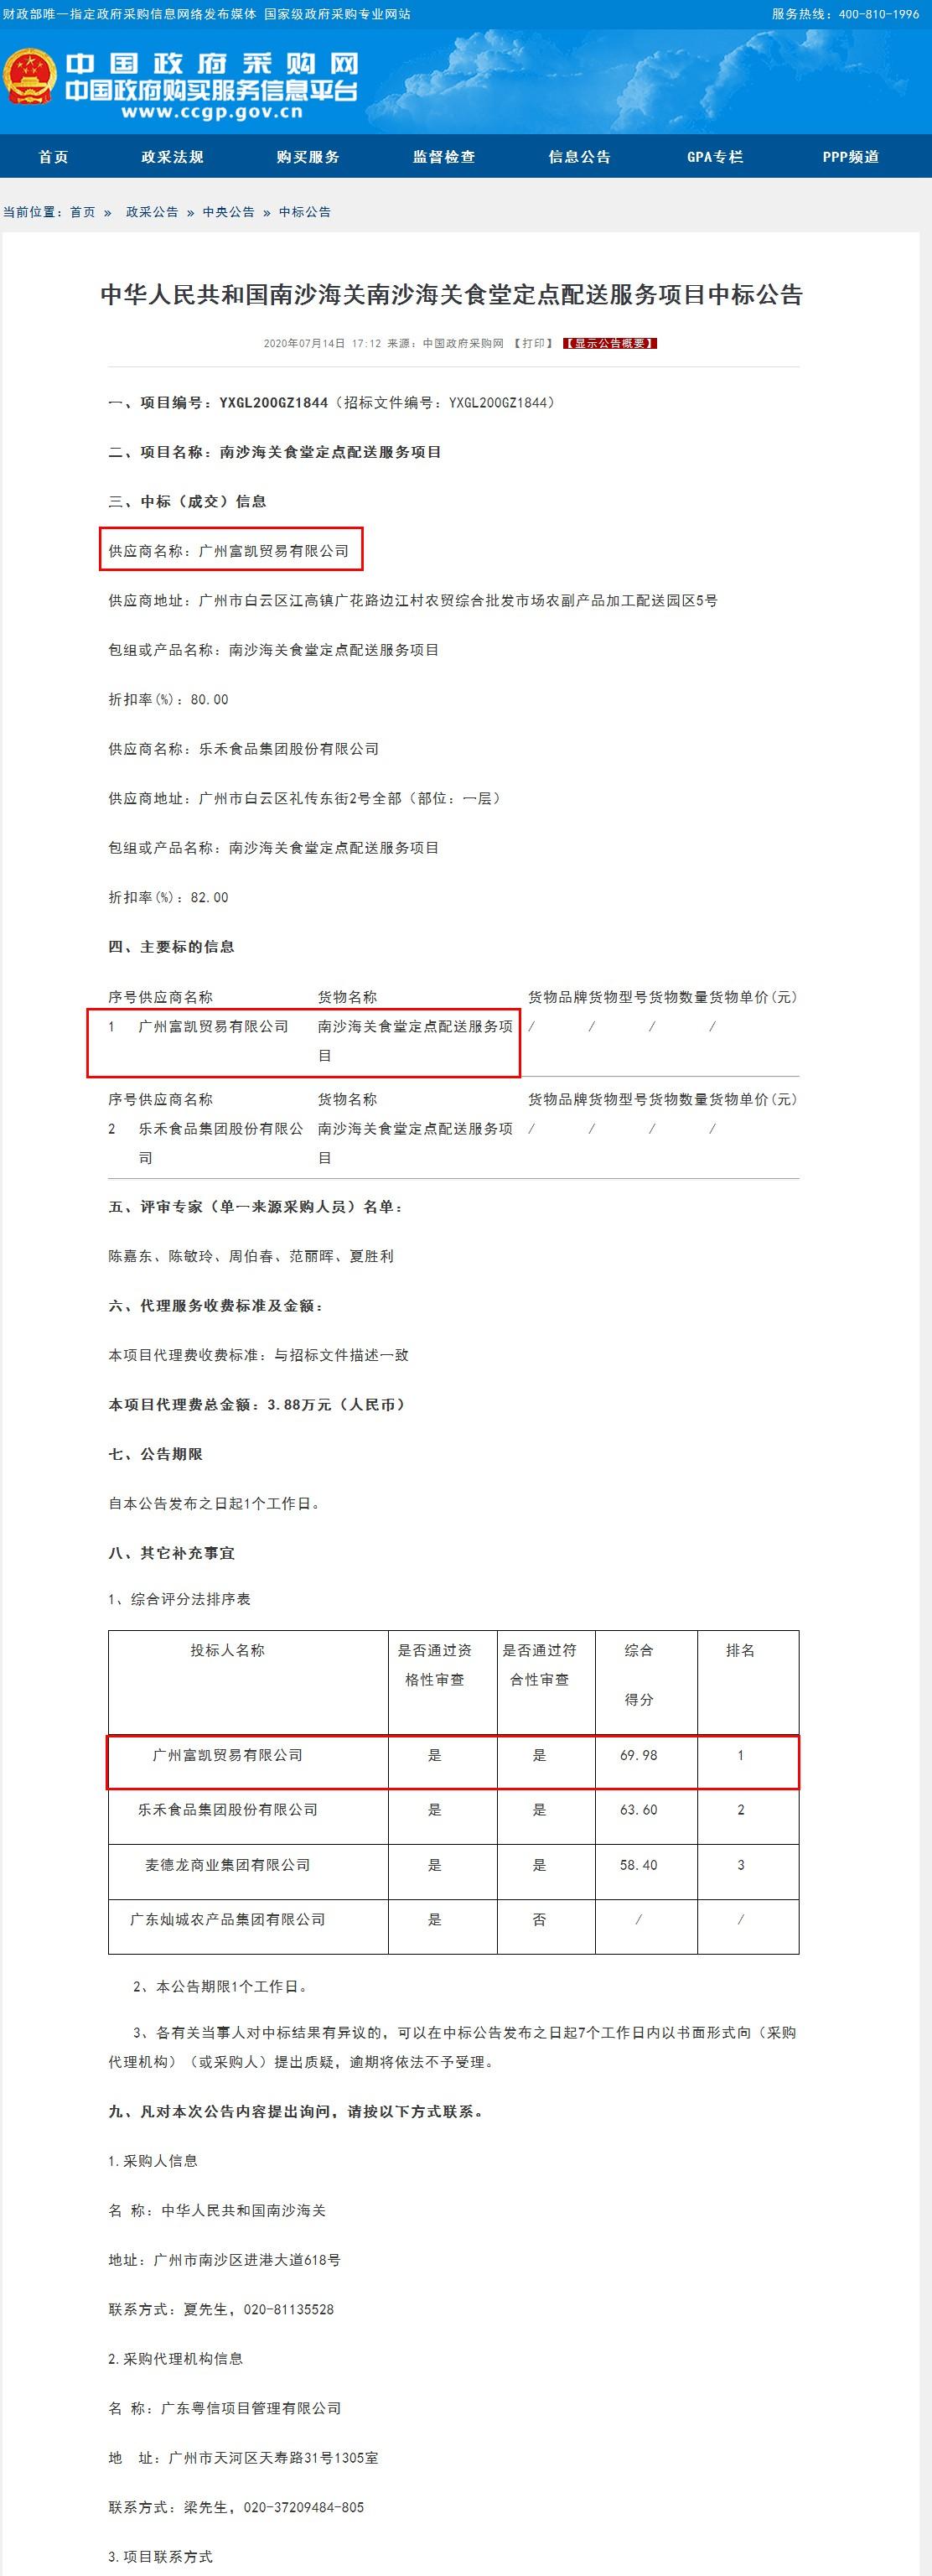 中华人民共和国南沙海关中标公告.jpg